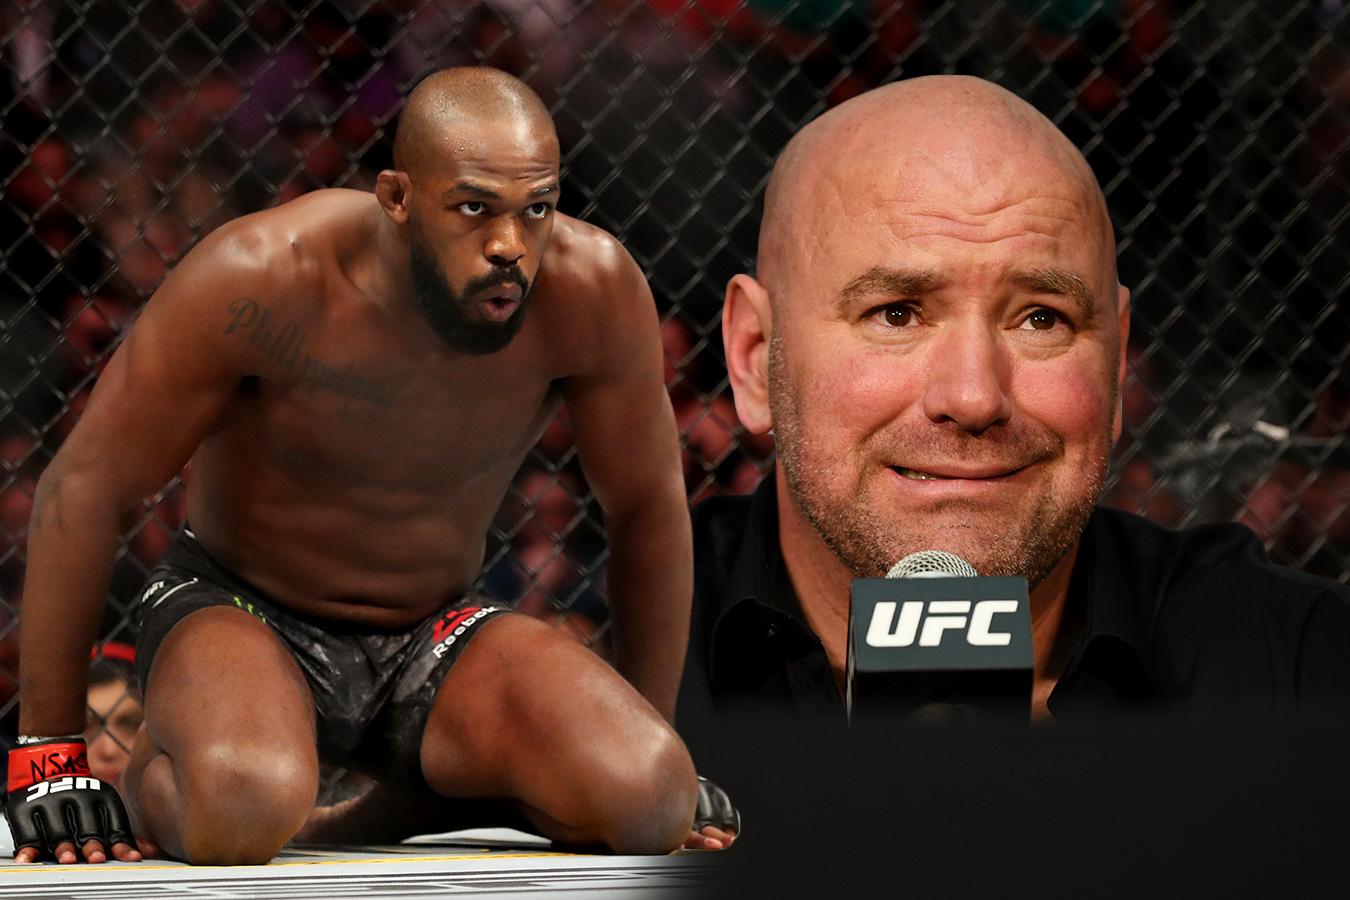 Величайший в истории UFC проиграет Дане Уайту. Джонсу не дадут $ 50 млн